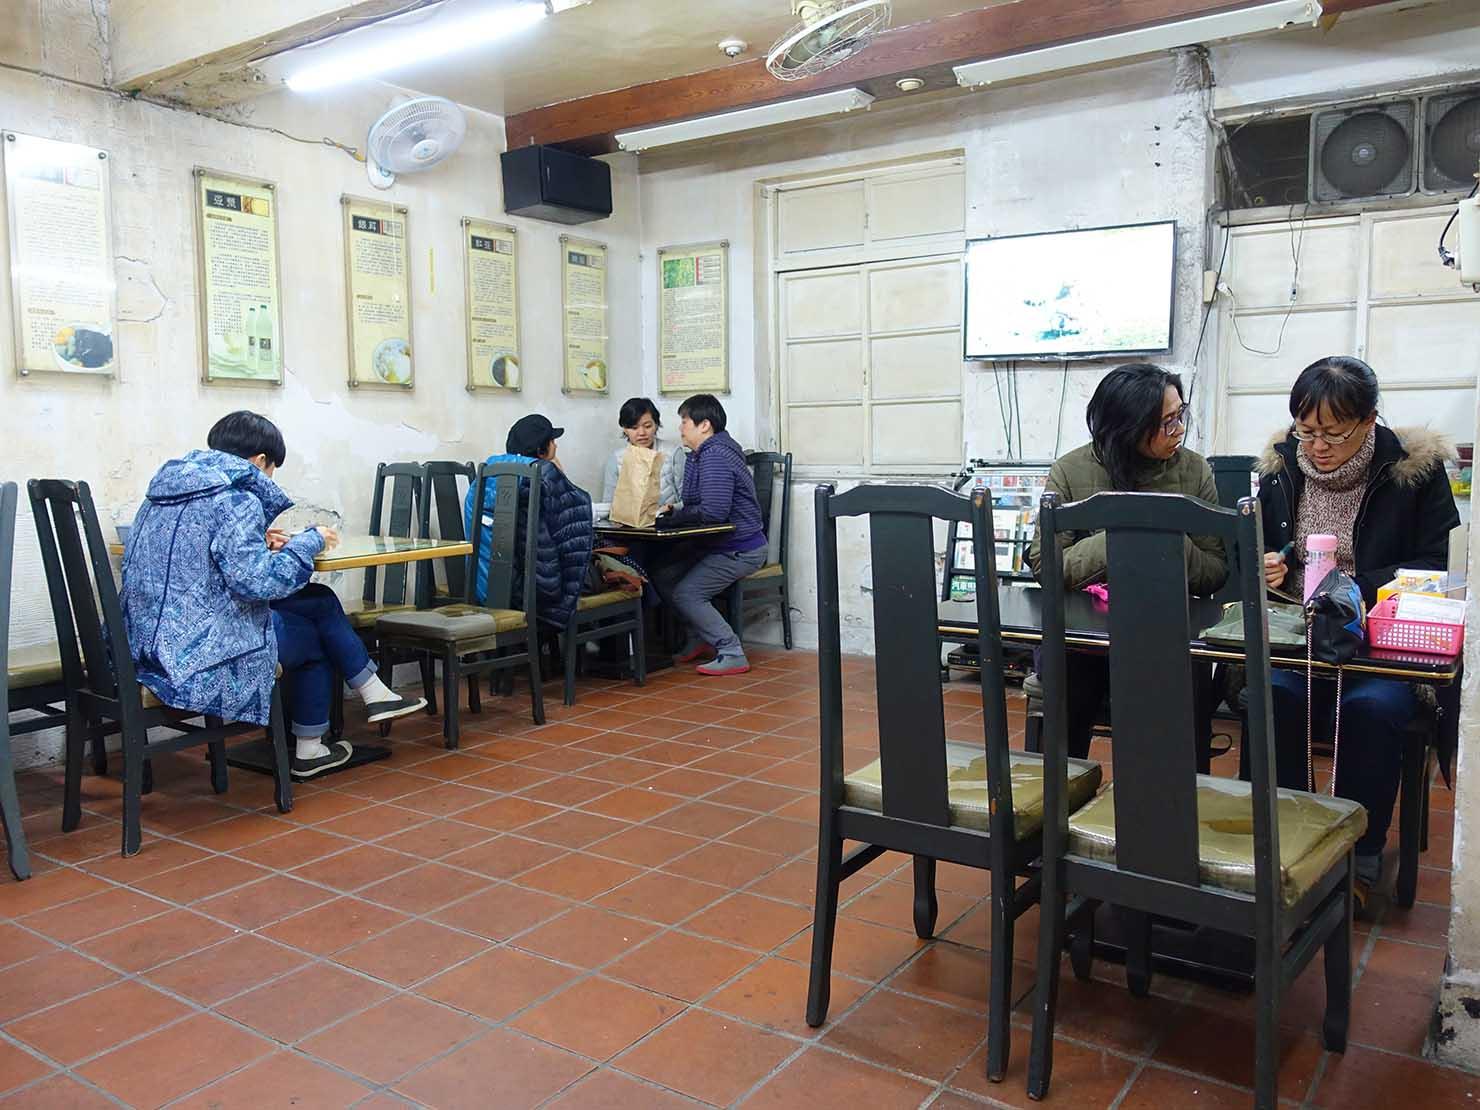 台北・大安駅周辺のおすすめグルメ店「山水伯豆花」の店内